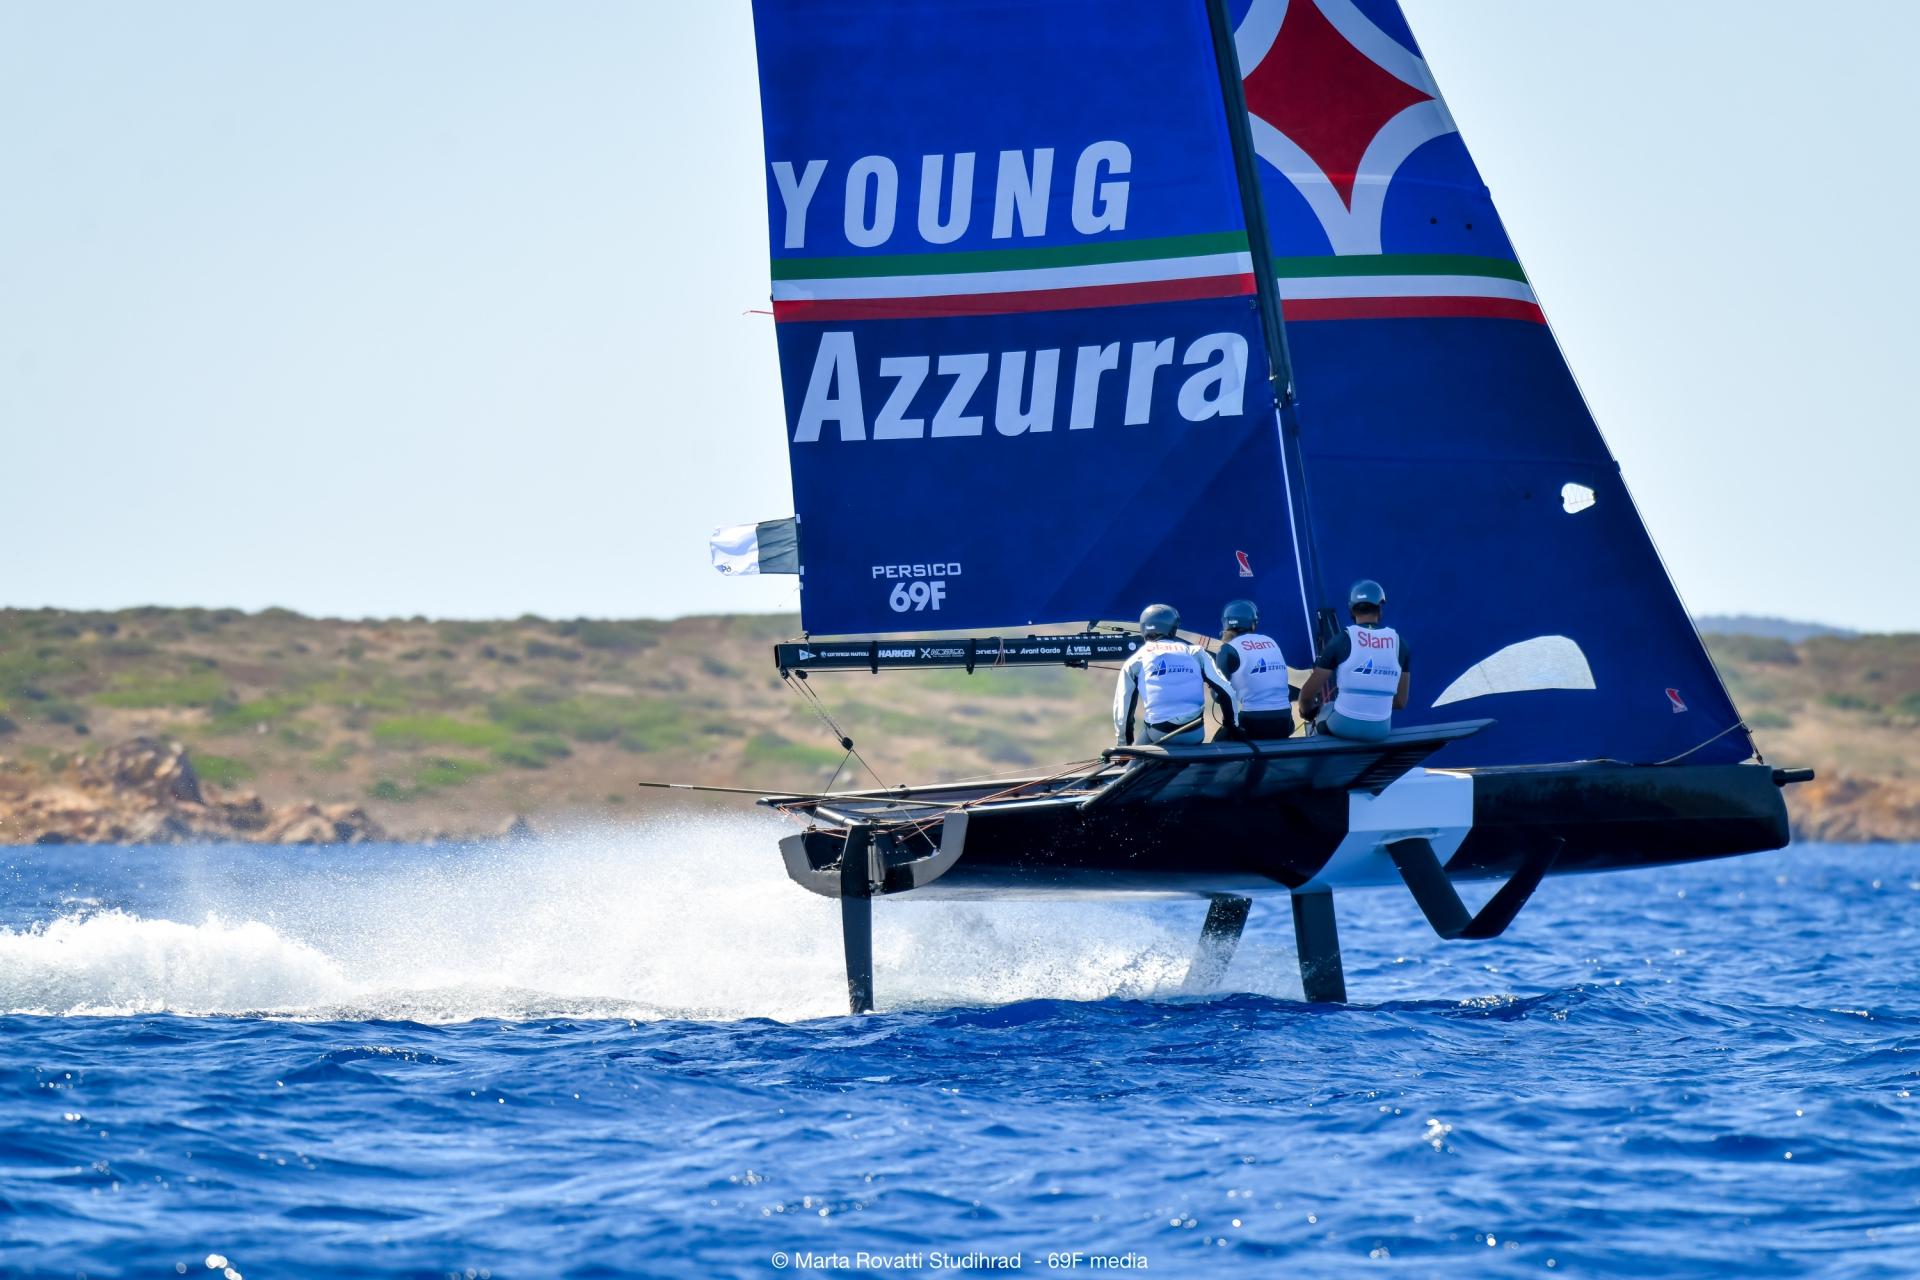 Young Azzurra vince il Persico 69F Grand Prix 2.1 - NEWS - Yacht Club Costa Smeralda